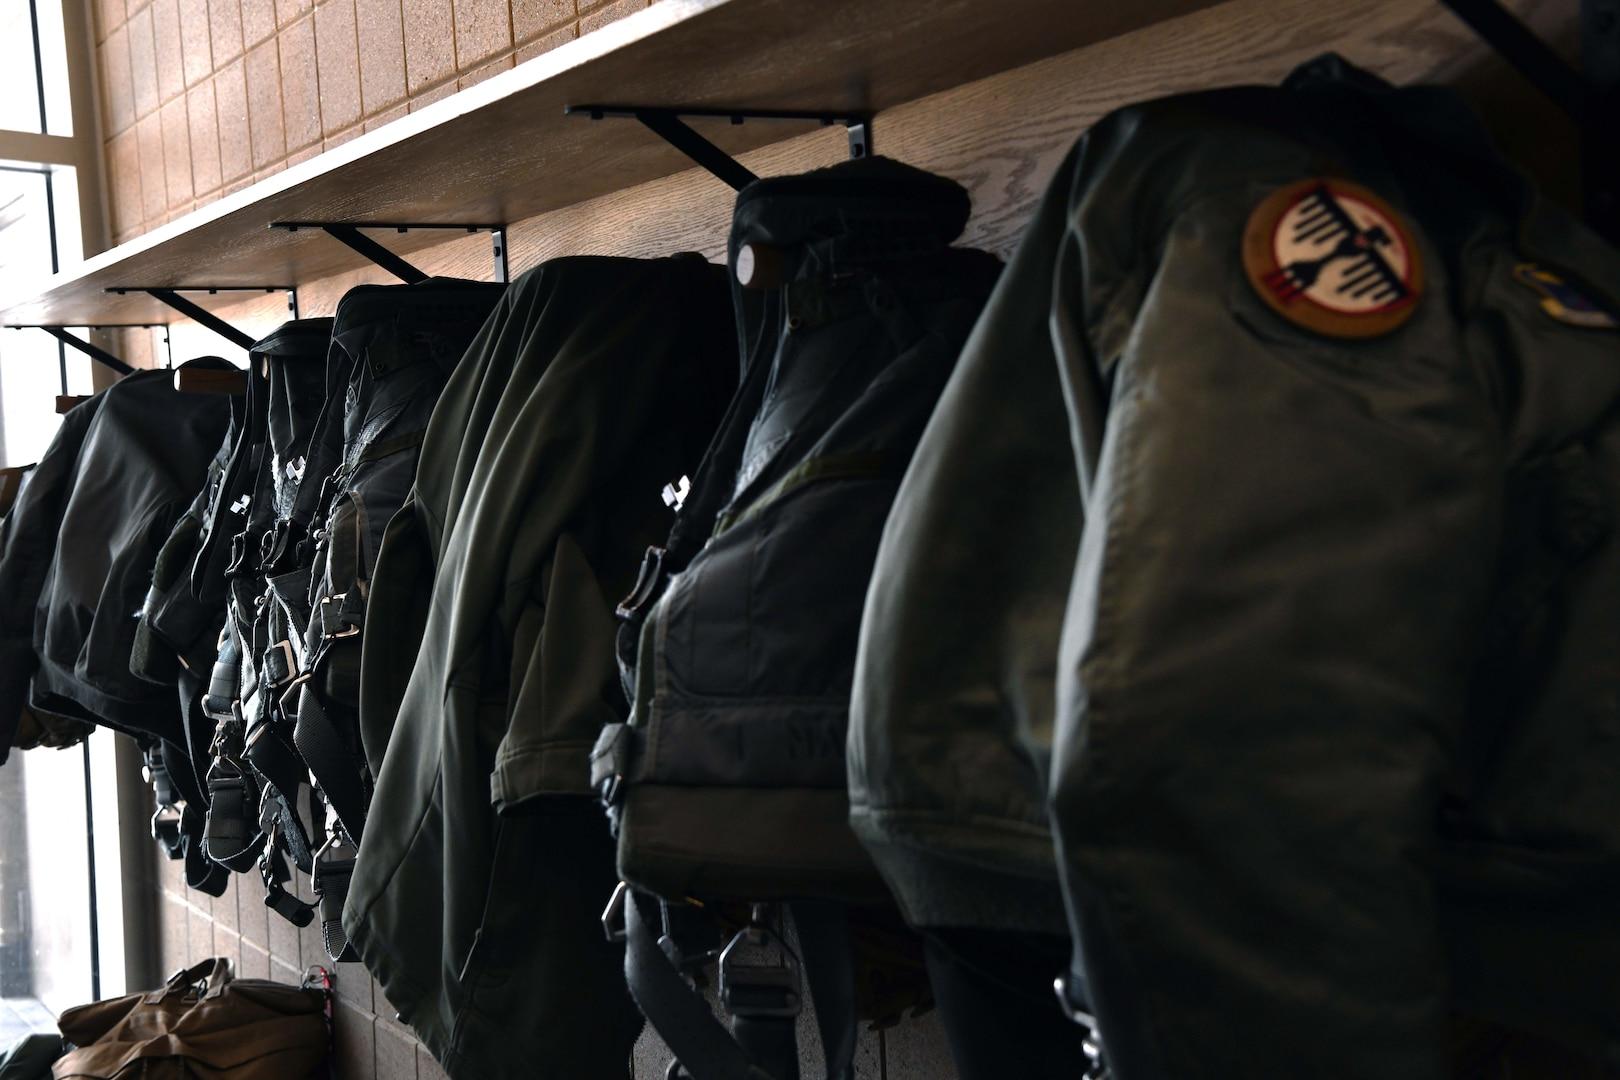 Equipment hangs on pegs